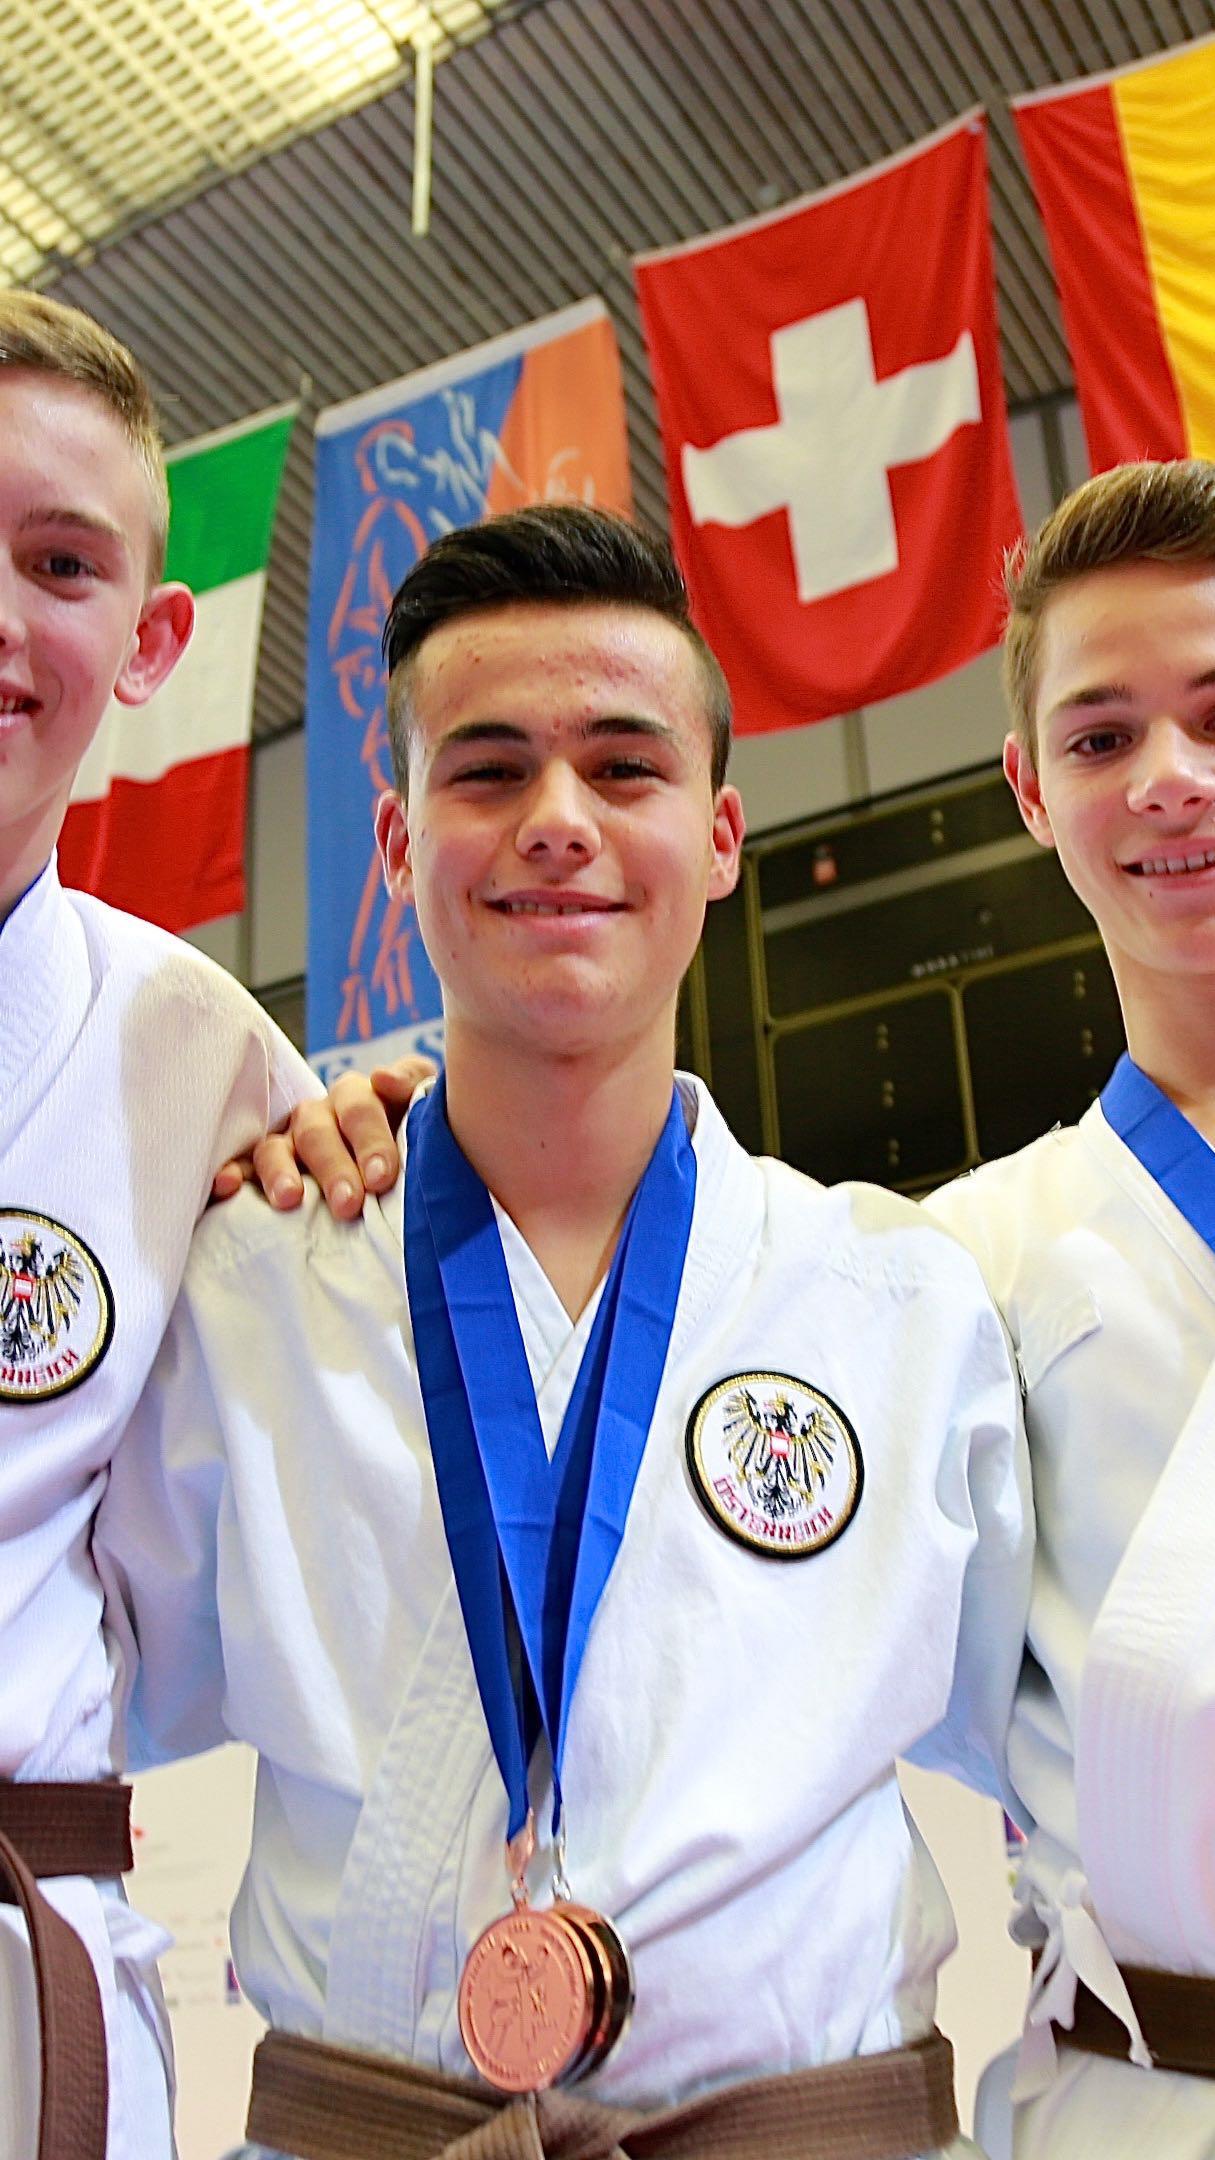 Sechs EM Medaillen holten die Vorarlberger Karatekas in Zürich